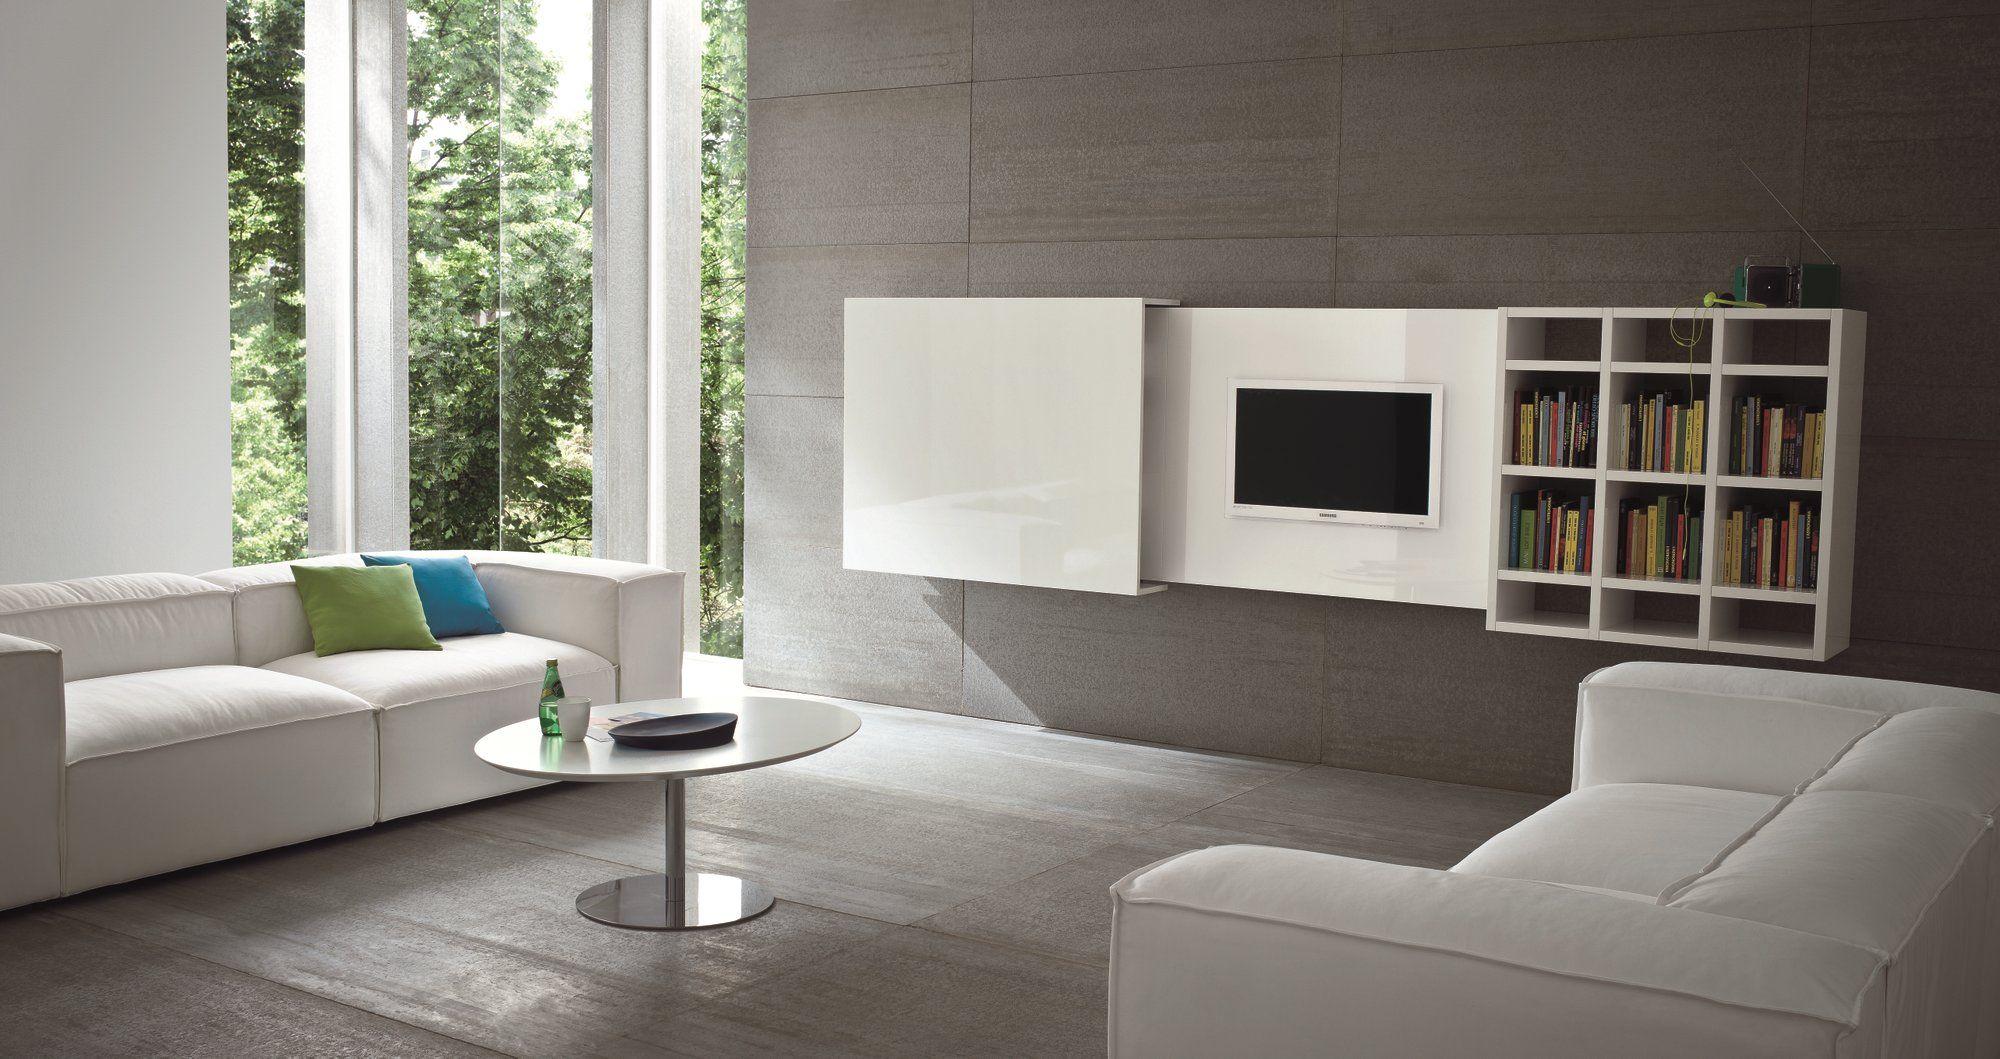 Mobile TV sospeso a scomparsa SLIM 10 by Dall'Agnese design Imago ...